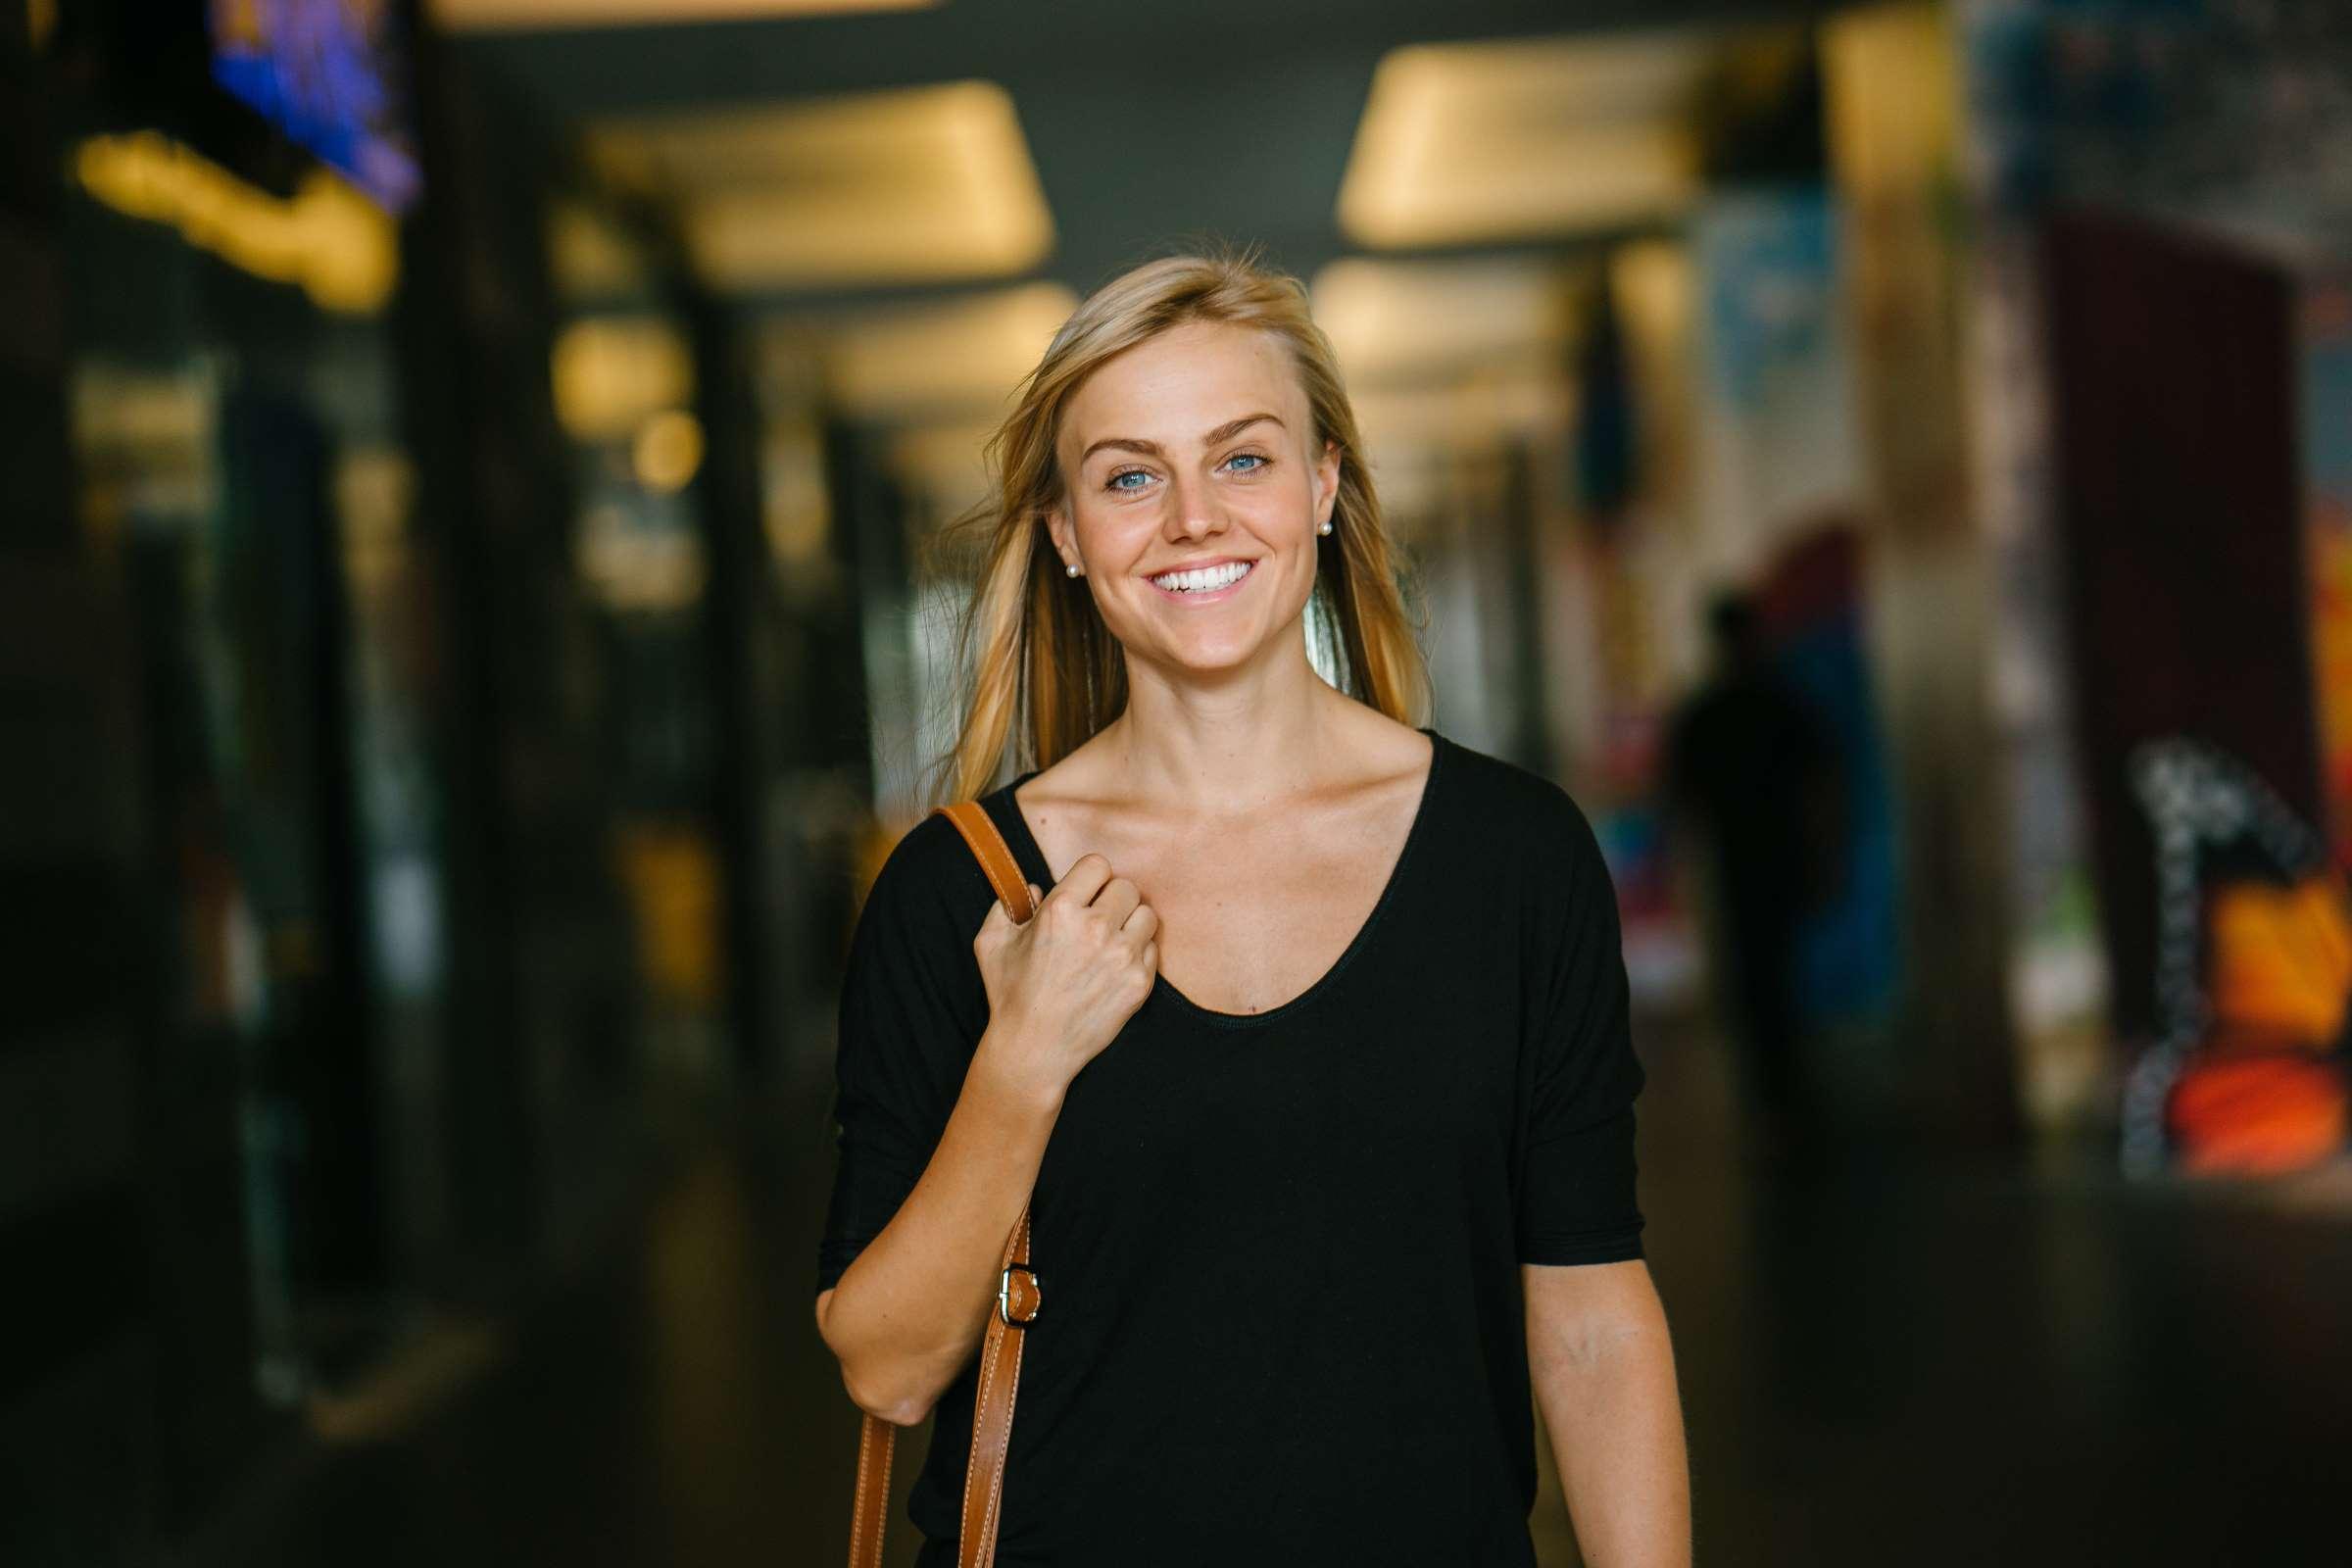 Bliv klar til studiestart: Alt om SU